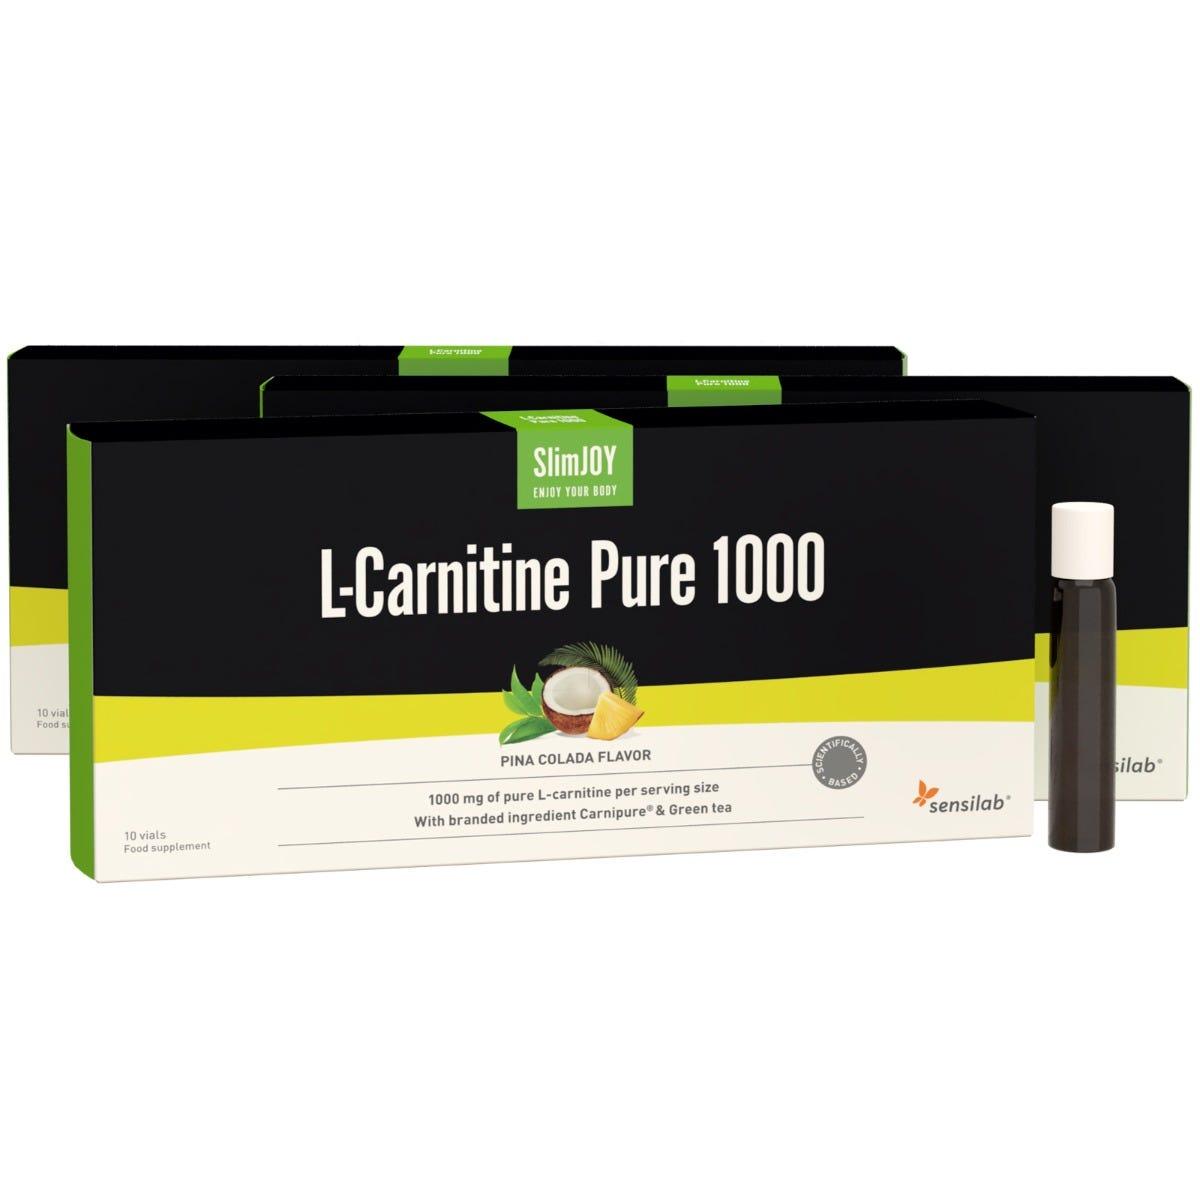 L-Carnitina Pura 1000 1+2 GRATIS: Remoldea y tonifica tu cuerpo con la L-carnitina más pura en el mercado.